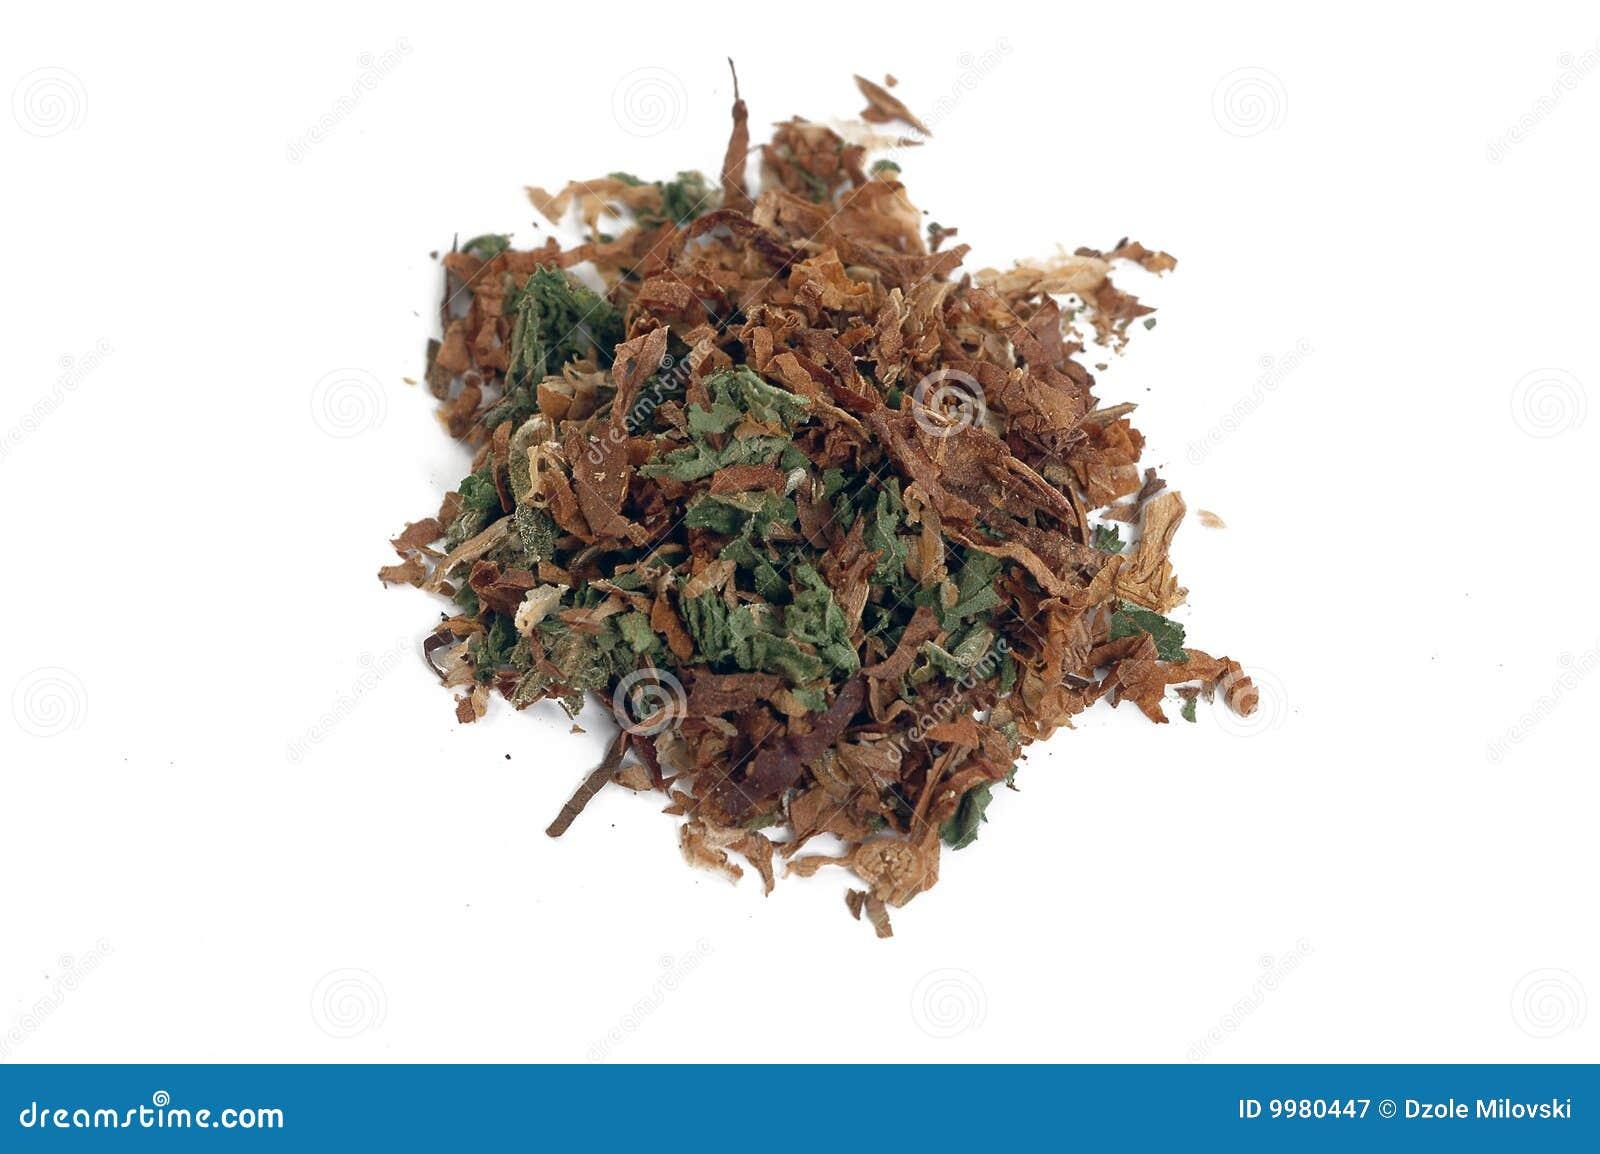 Смеси марихуаны и табака каша из конопли жаренная